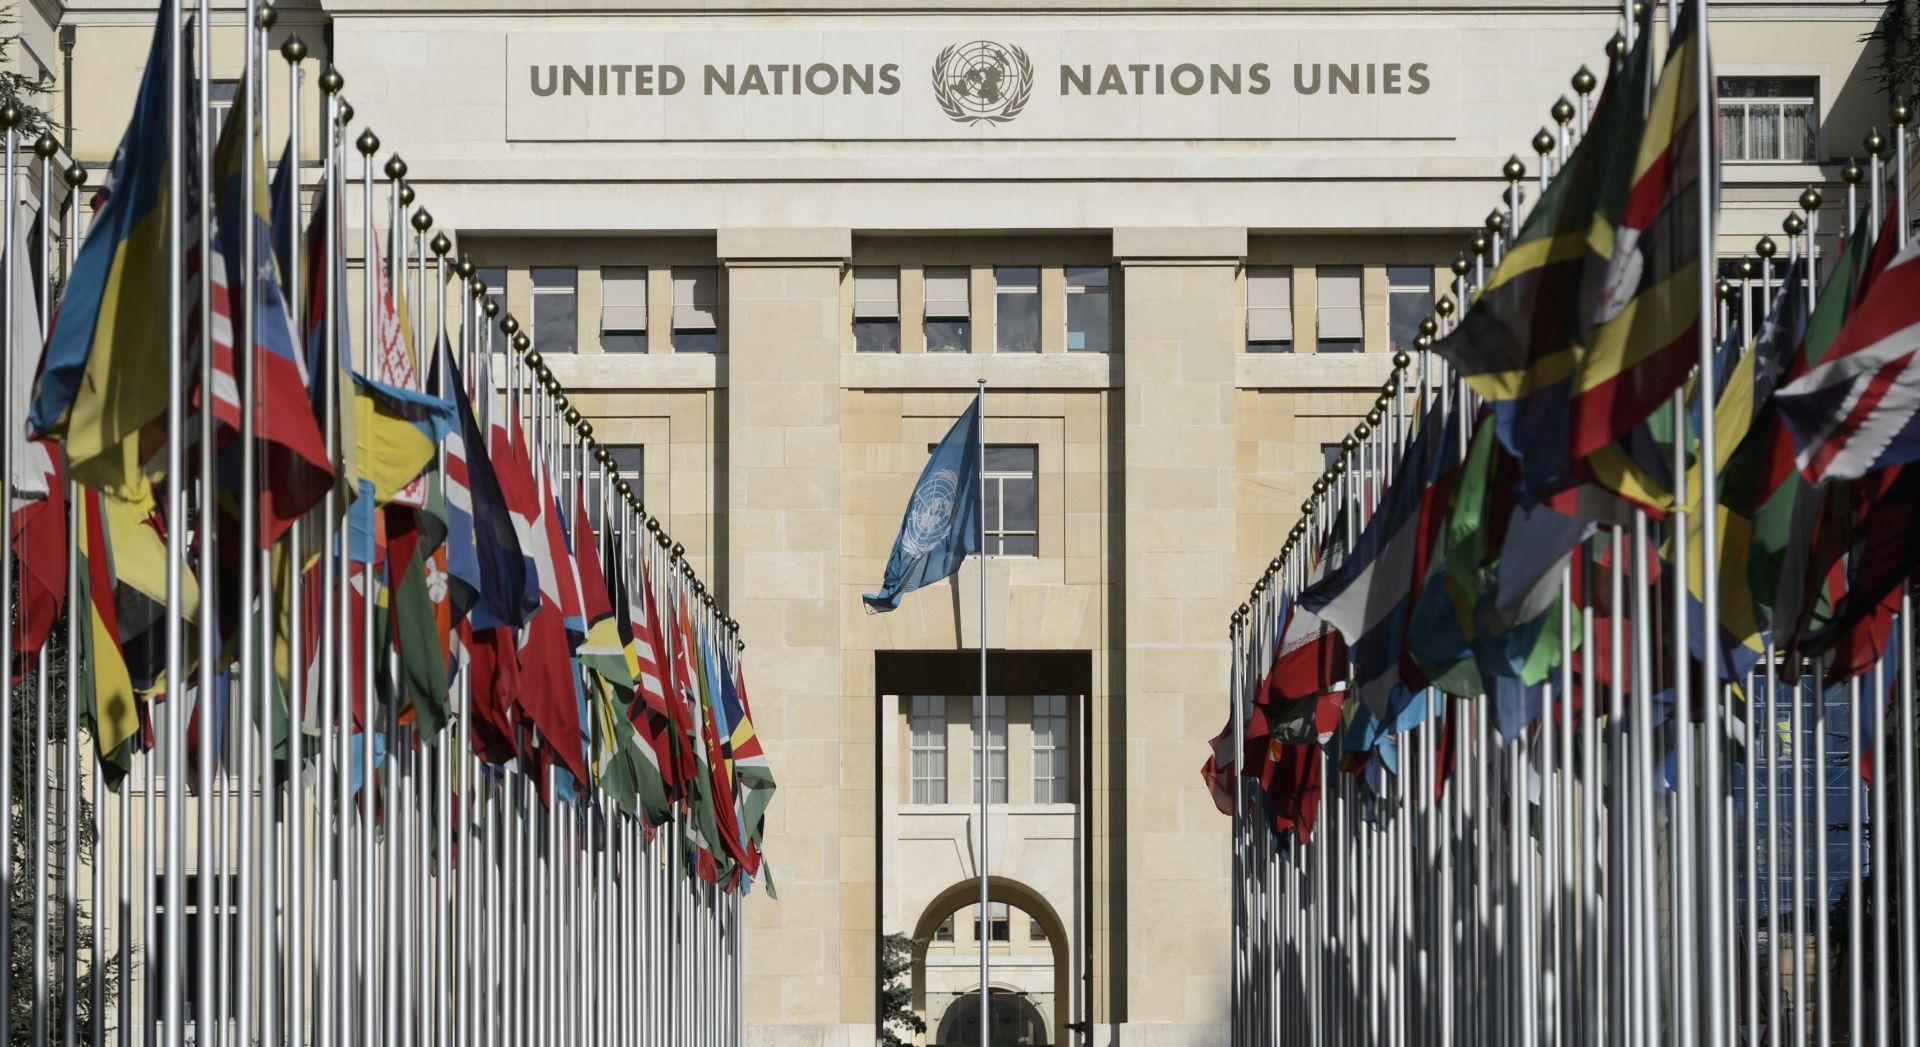 PREGOVORI U OPASNOSTI? Vladine sirijske snage presjekle opskrbnu rutu od Aleppa do Turske